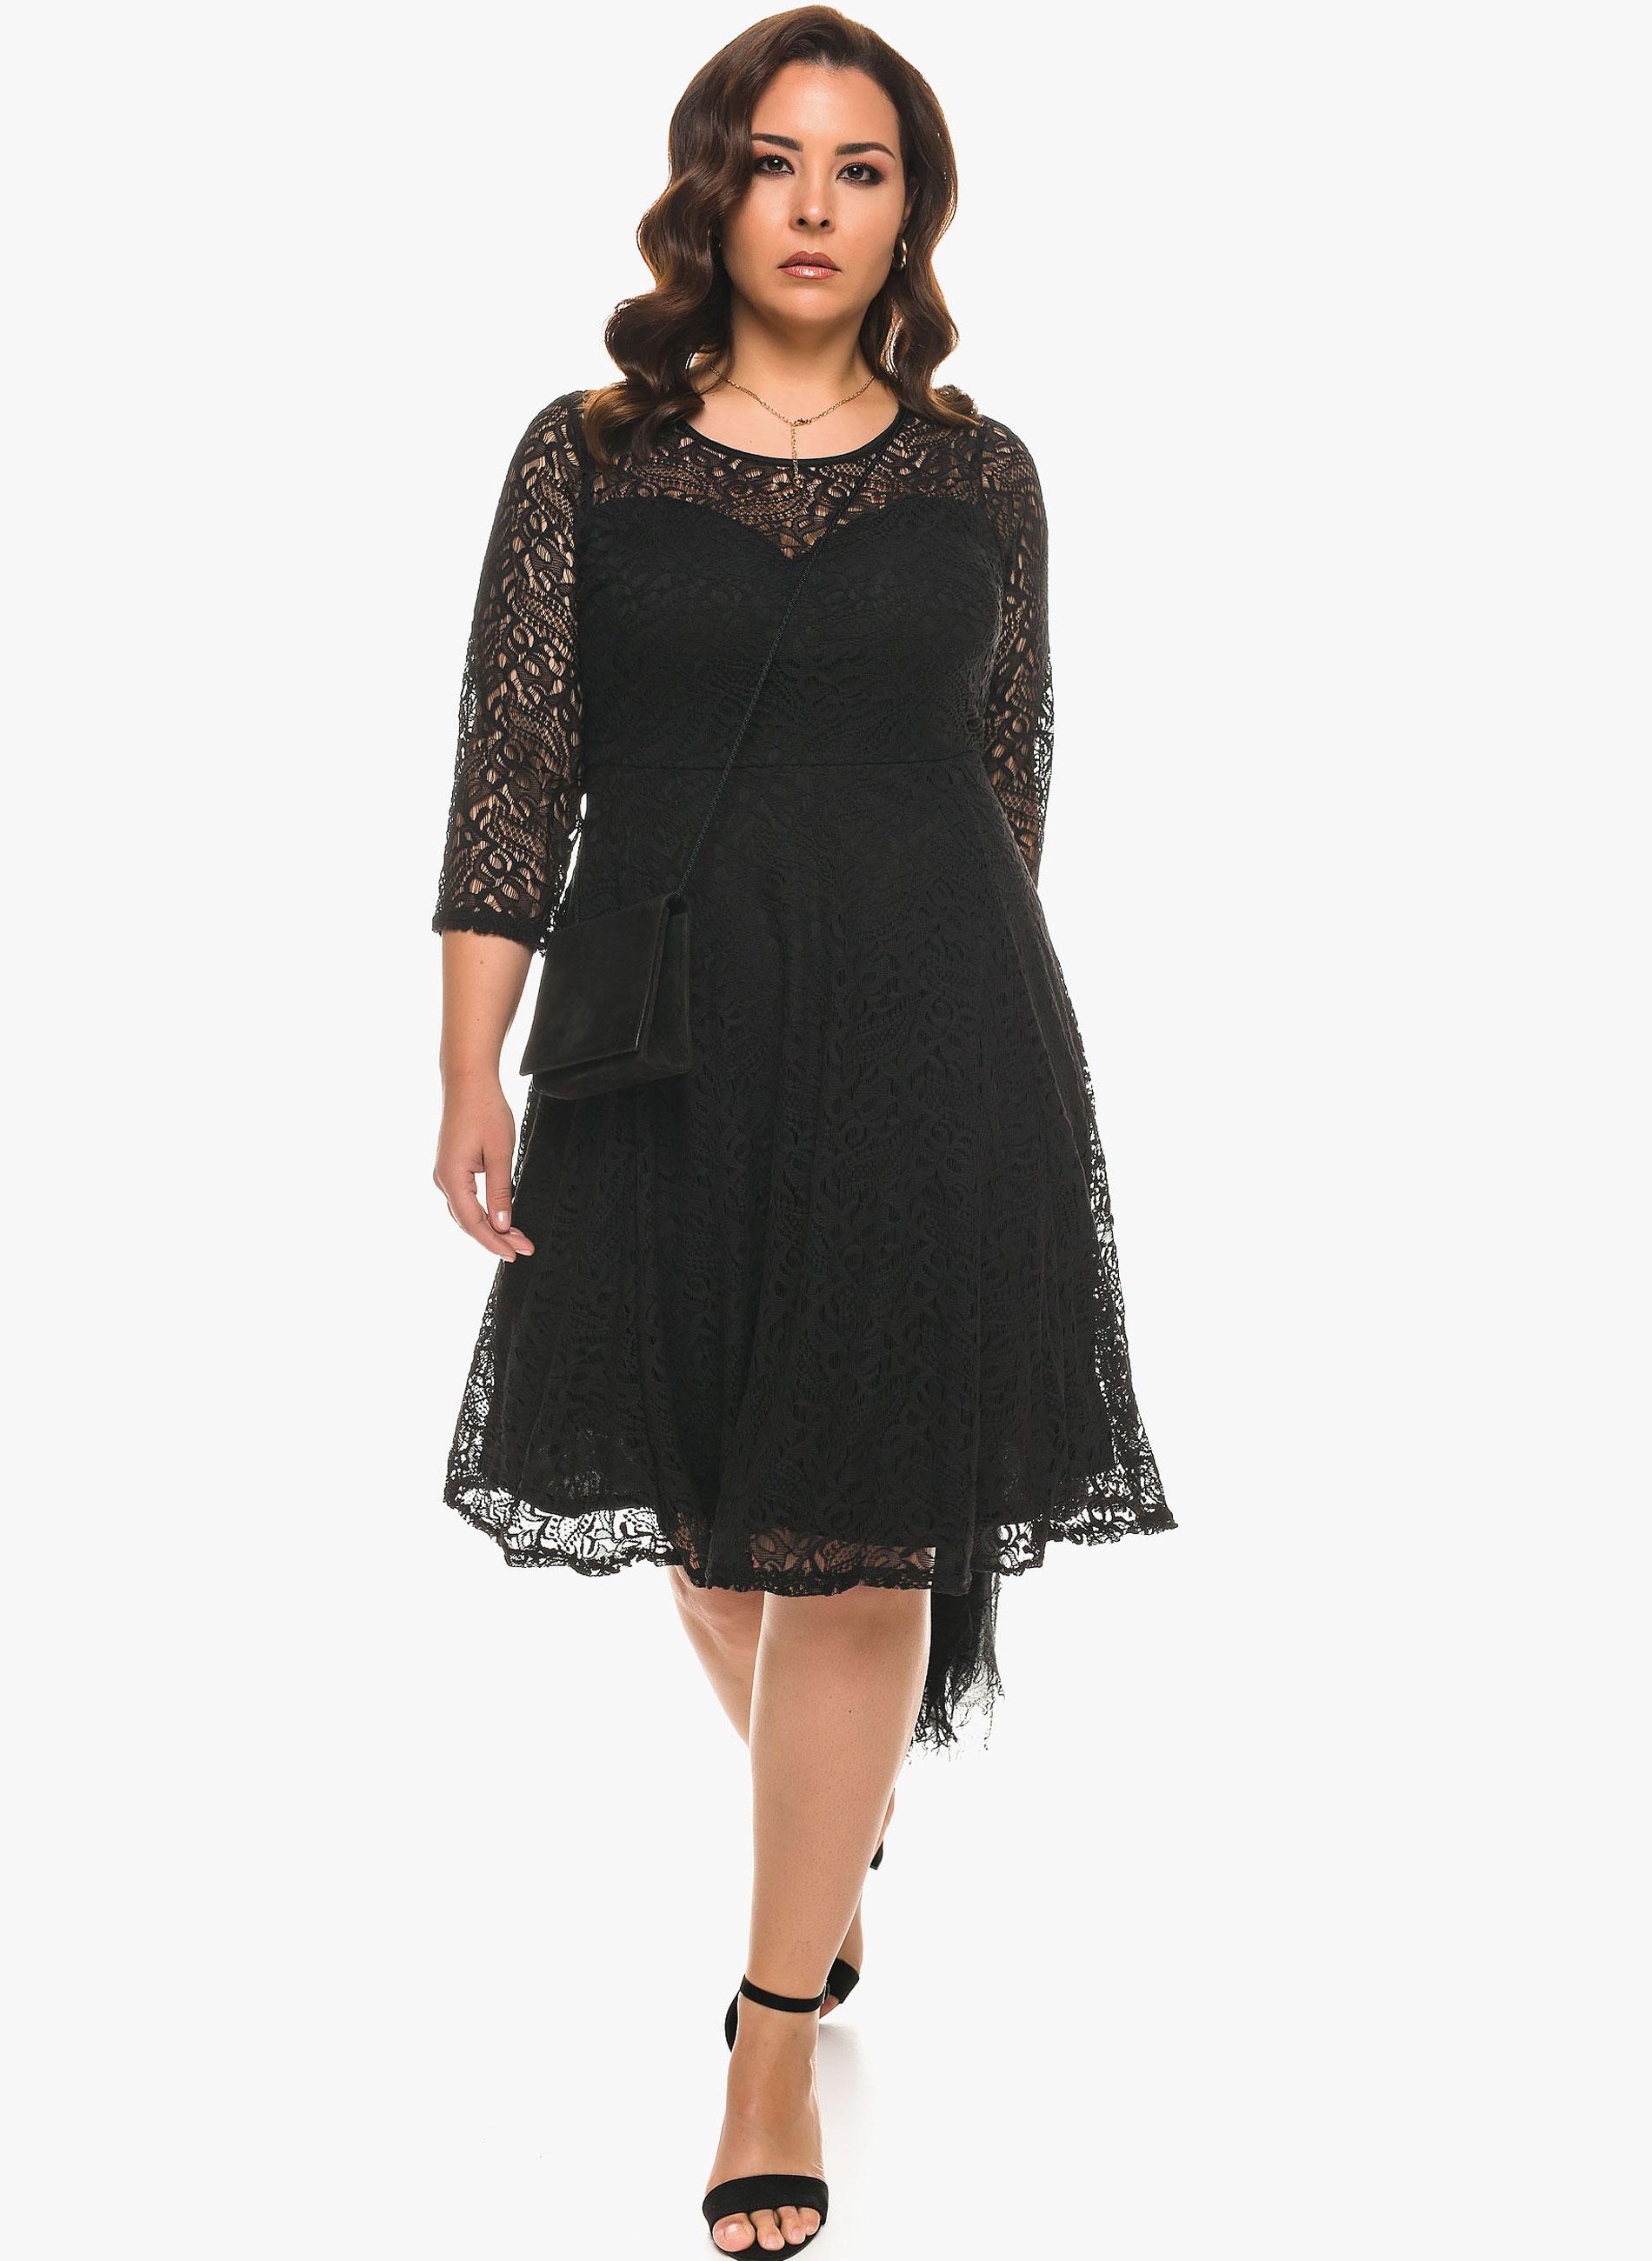 97a35e671c18 ΜΕΓΑΛΑ ΜΕΓΕΘΗ ΦΟΡΕΜΑΤΑ    Δαντελένιο Μαύρο Φόρεμα σε  Α  Γραμμή ...